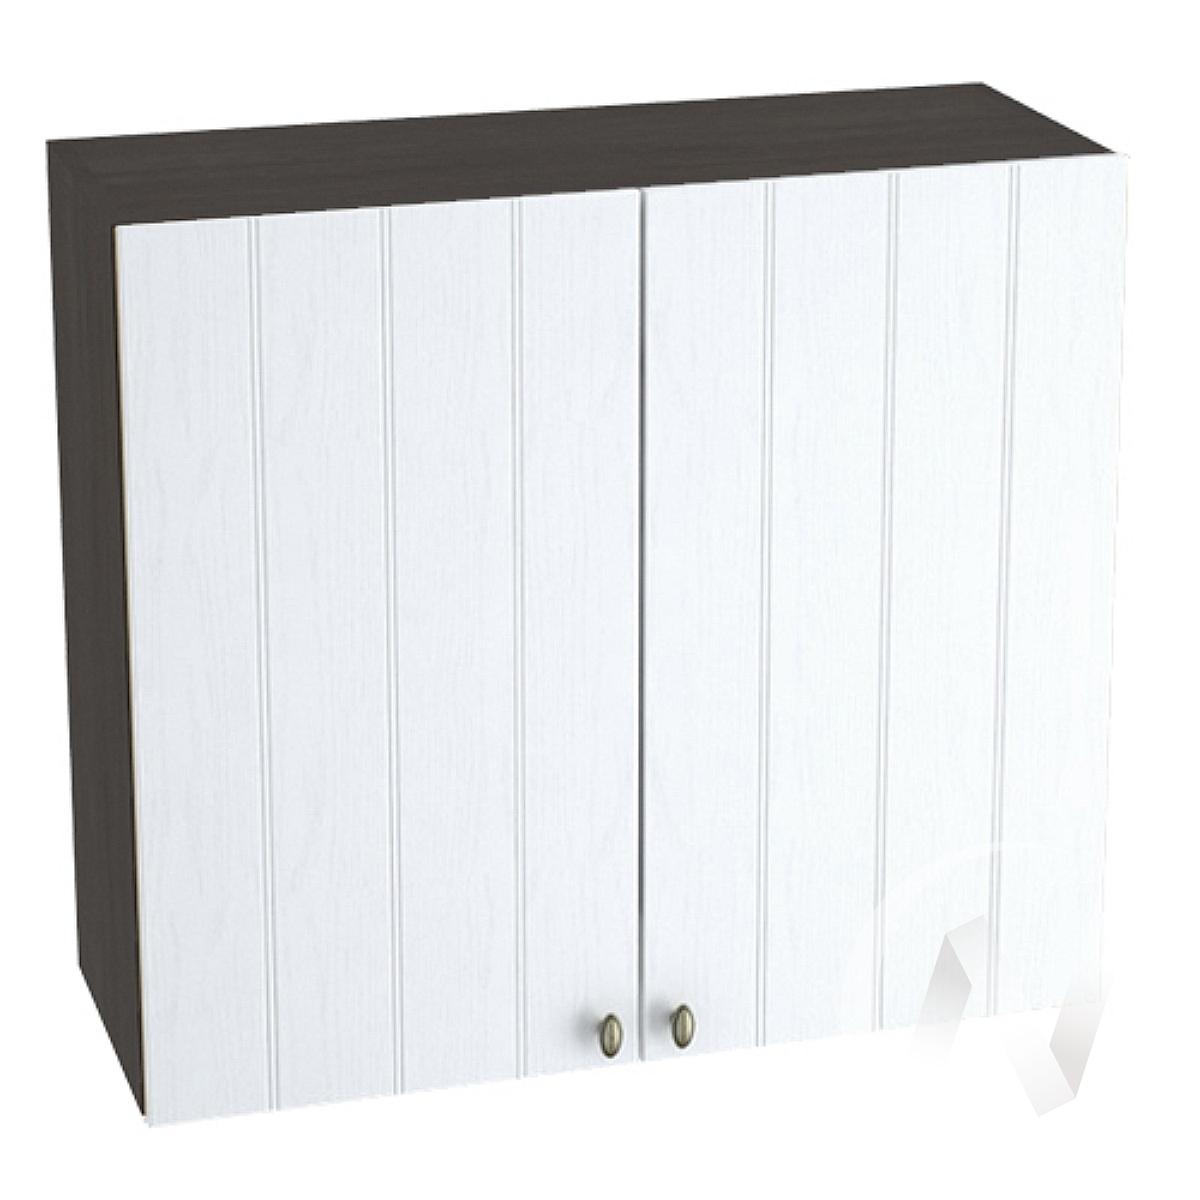 """Кухня """"Прованс"""": Шкаф верхний 800, ШВ 800 (белое дерево/корпус венге) в Томске — авторская мебель Экостиль"""